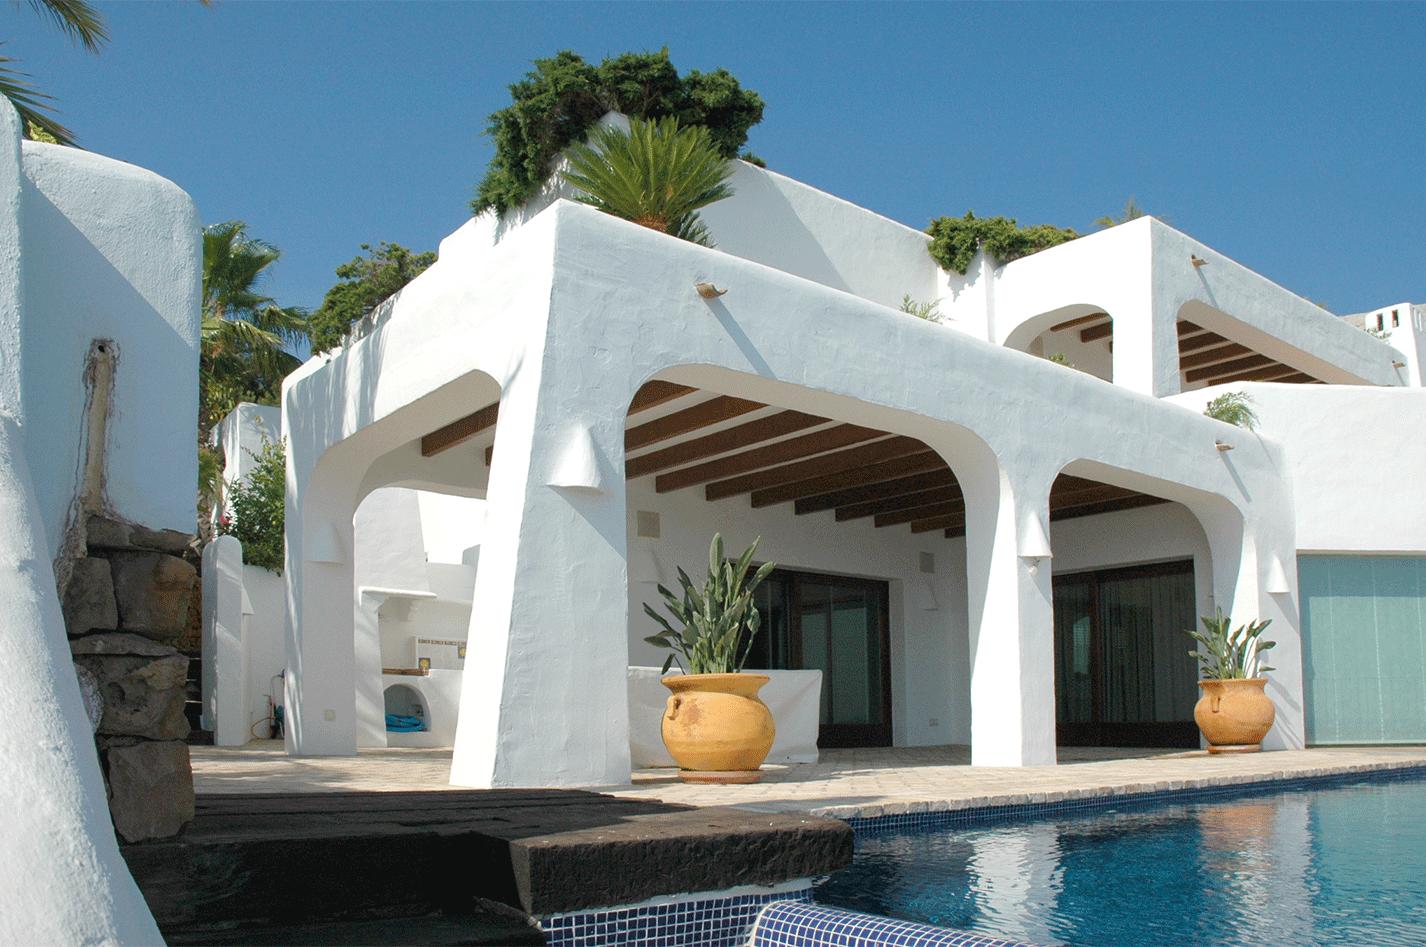 Casas ibicencas casa en cumbre del sol casa de lujo en for Arquitectura ibicenca